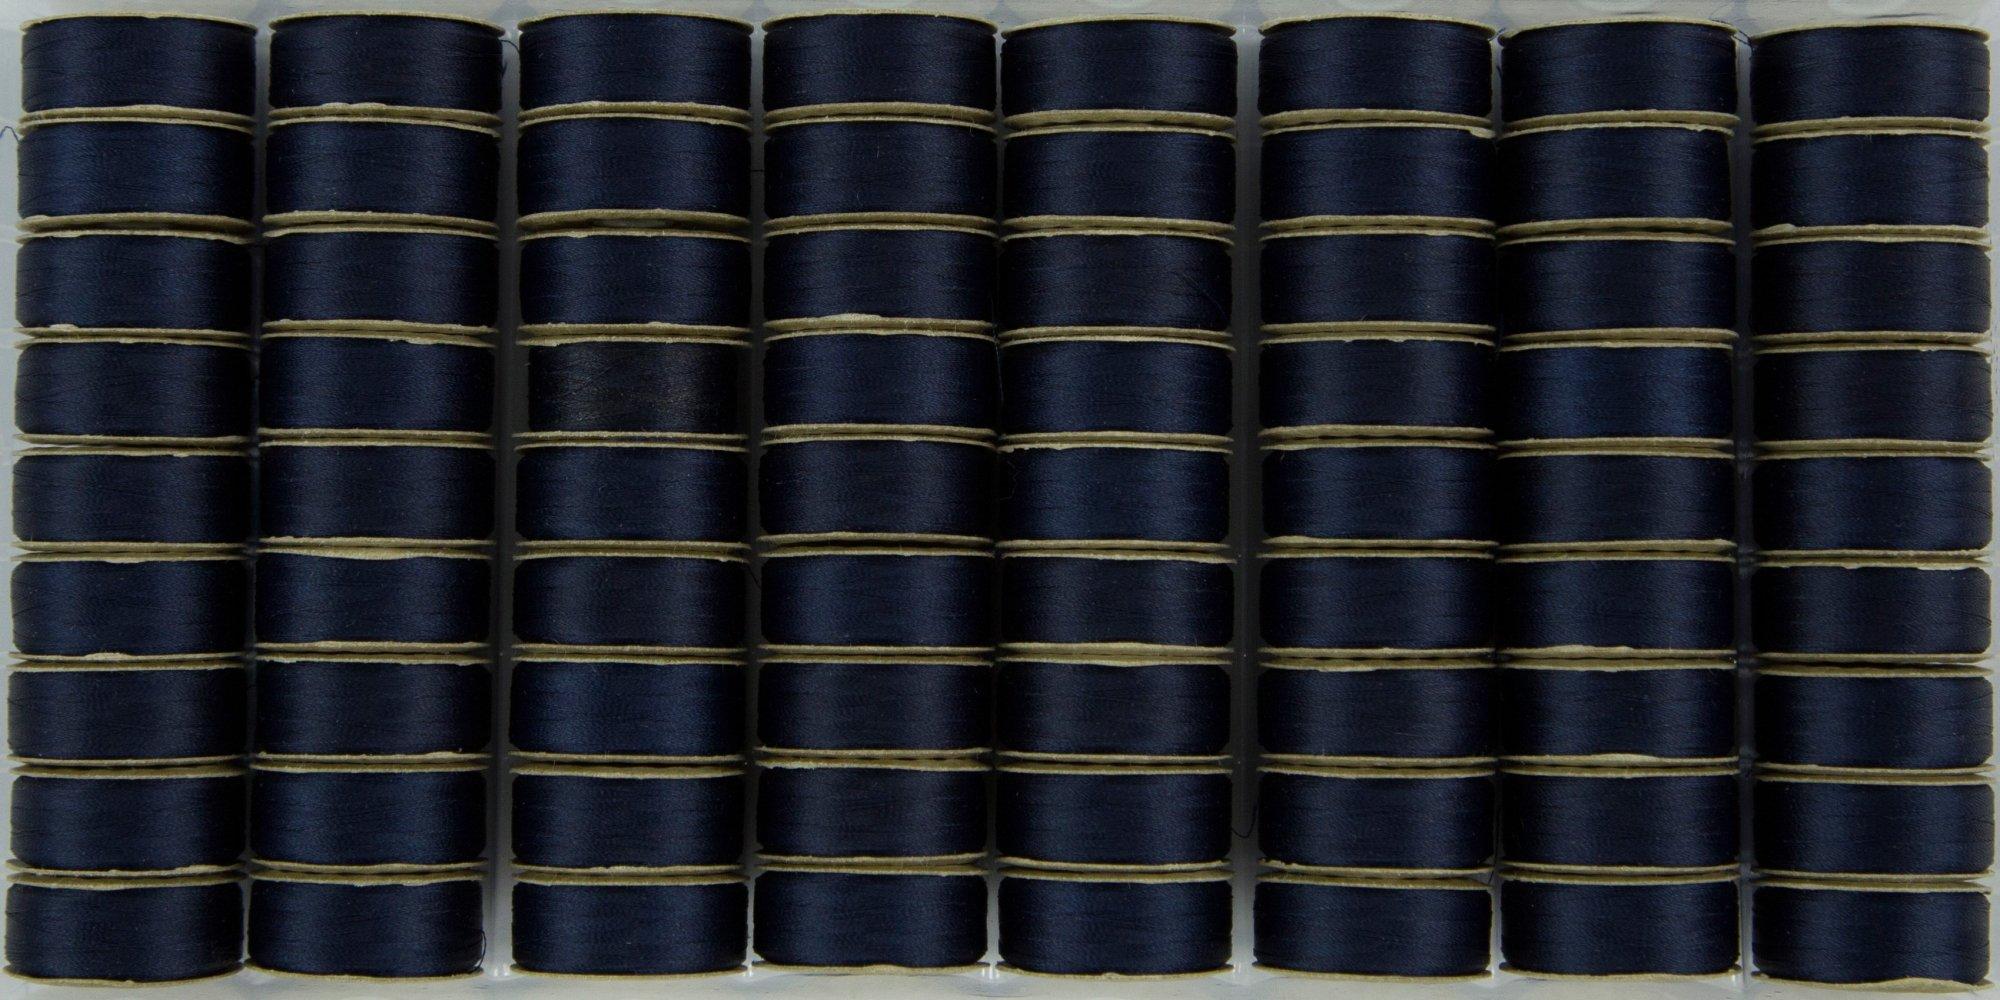 Bobbin M Style Prewound SuperBobs Dark Blue 72ct